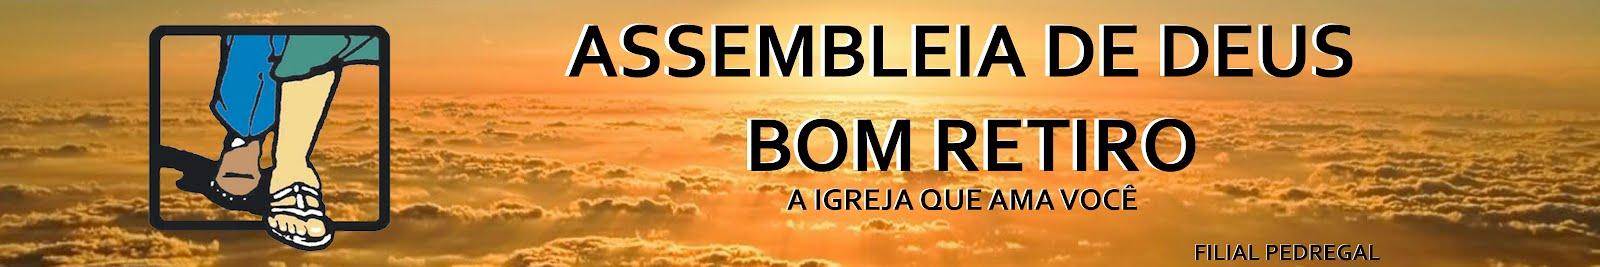 ASSEMBLÉIA DE DEUS - BOM RETIRO - PEDREGAL